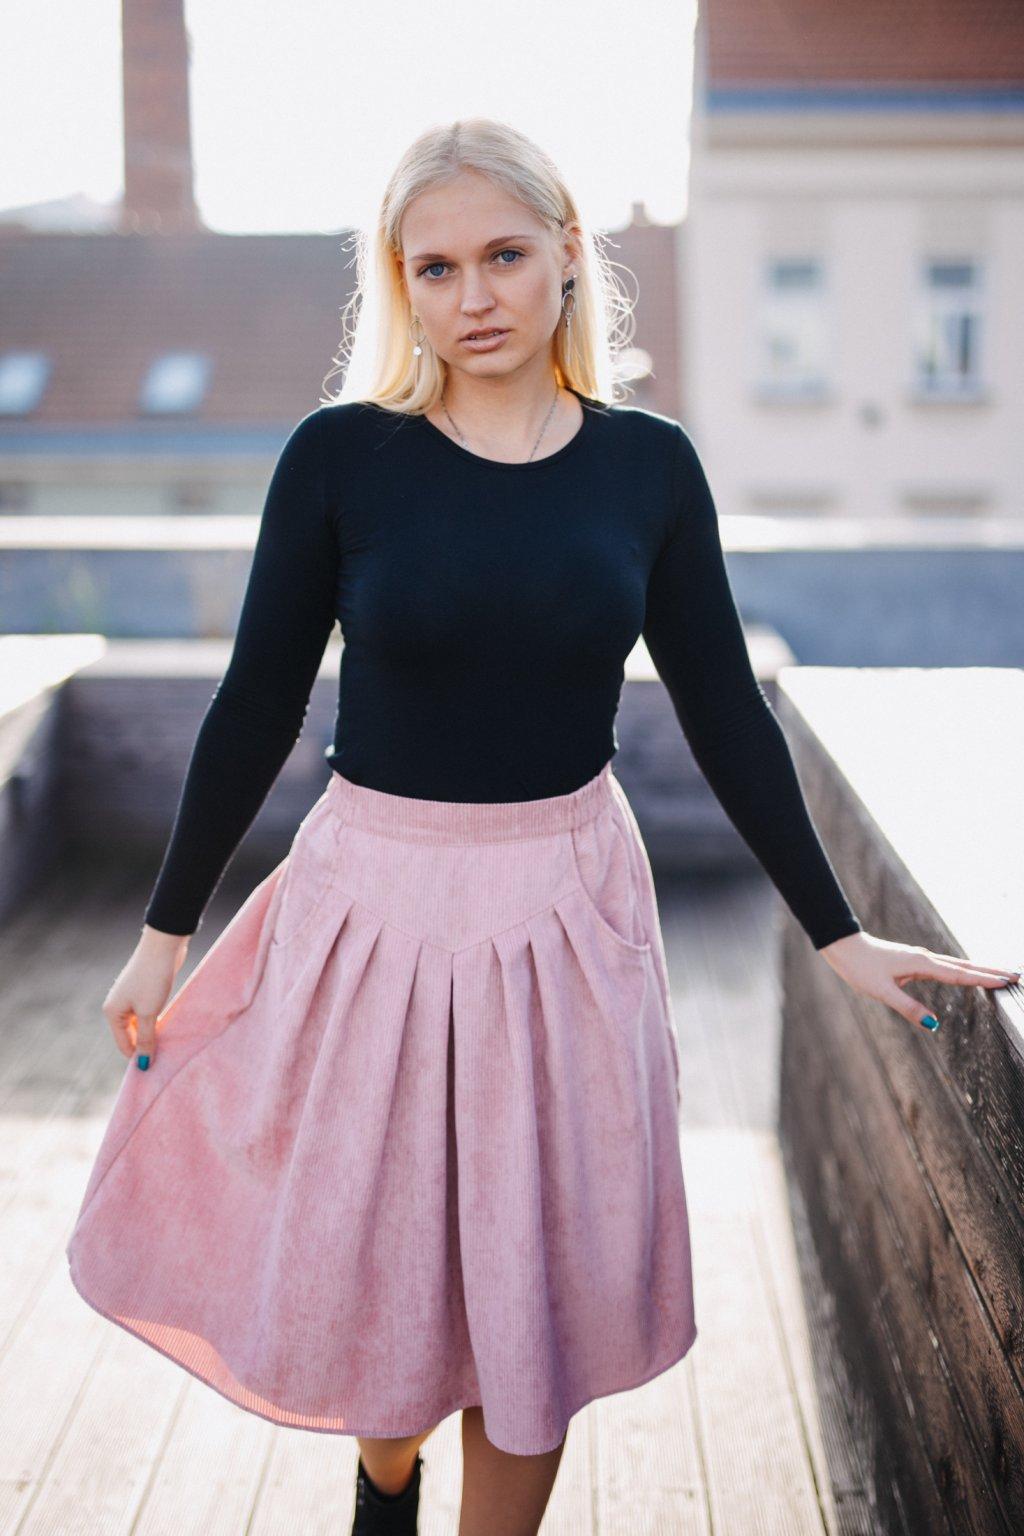 RŮŽOVÁ sukně s klínem